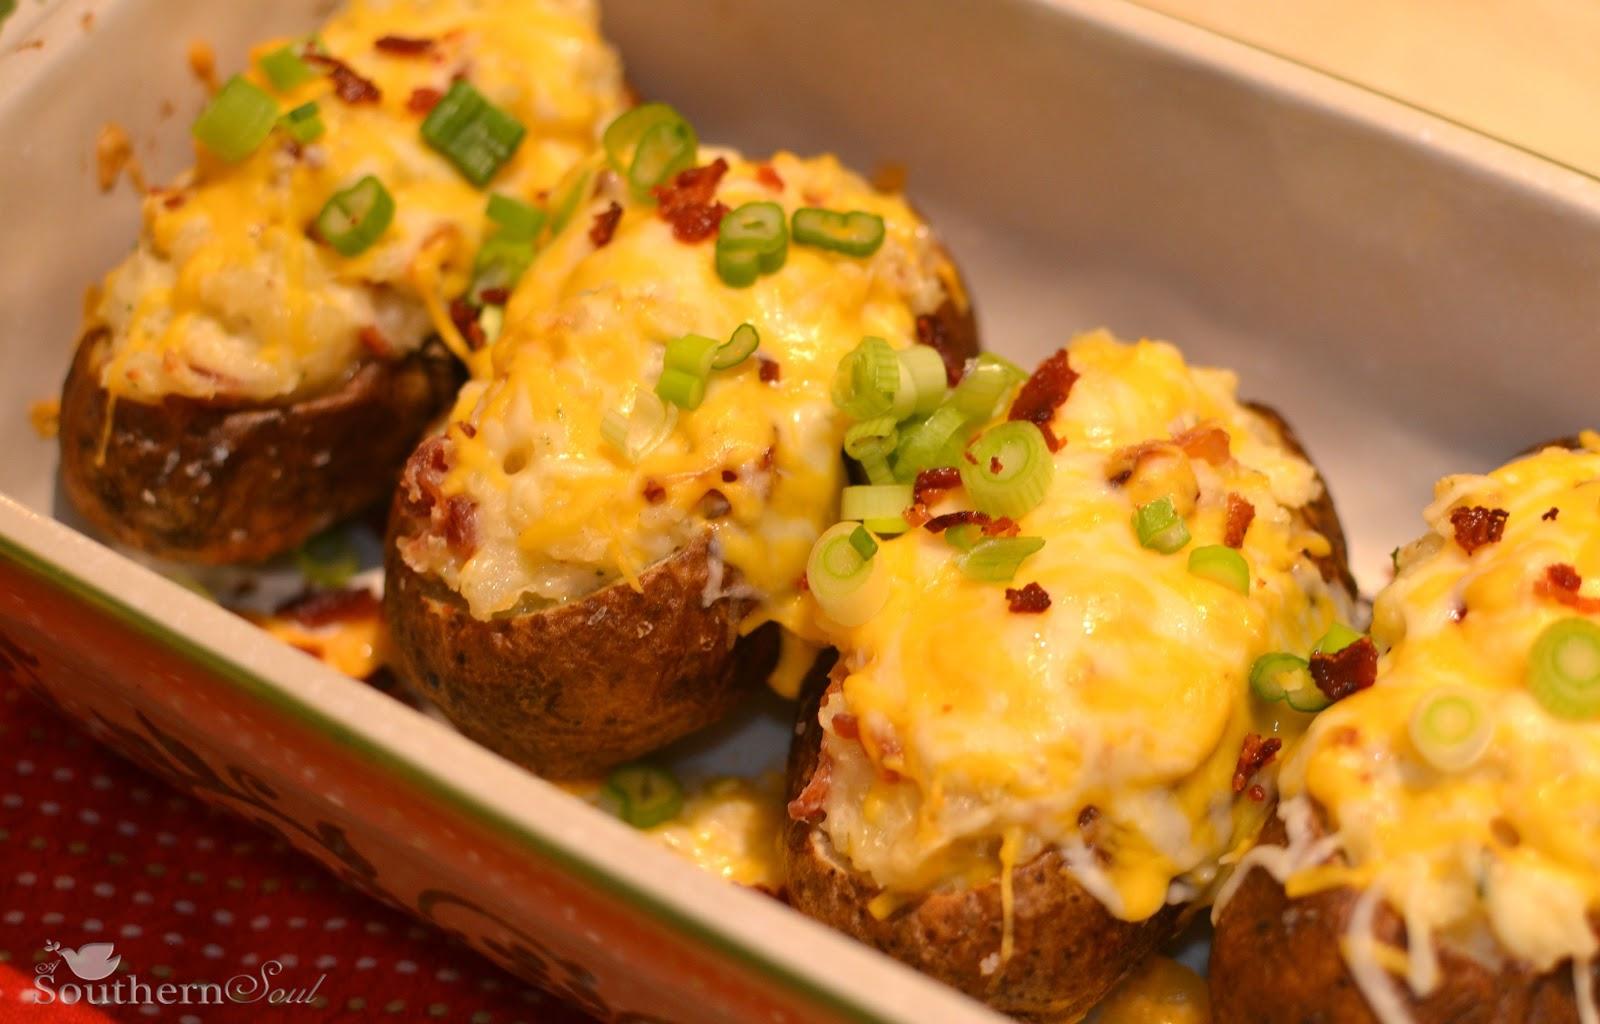 Southern Soul: Stuffed Baked Potatoes